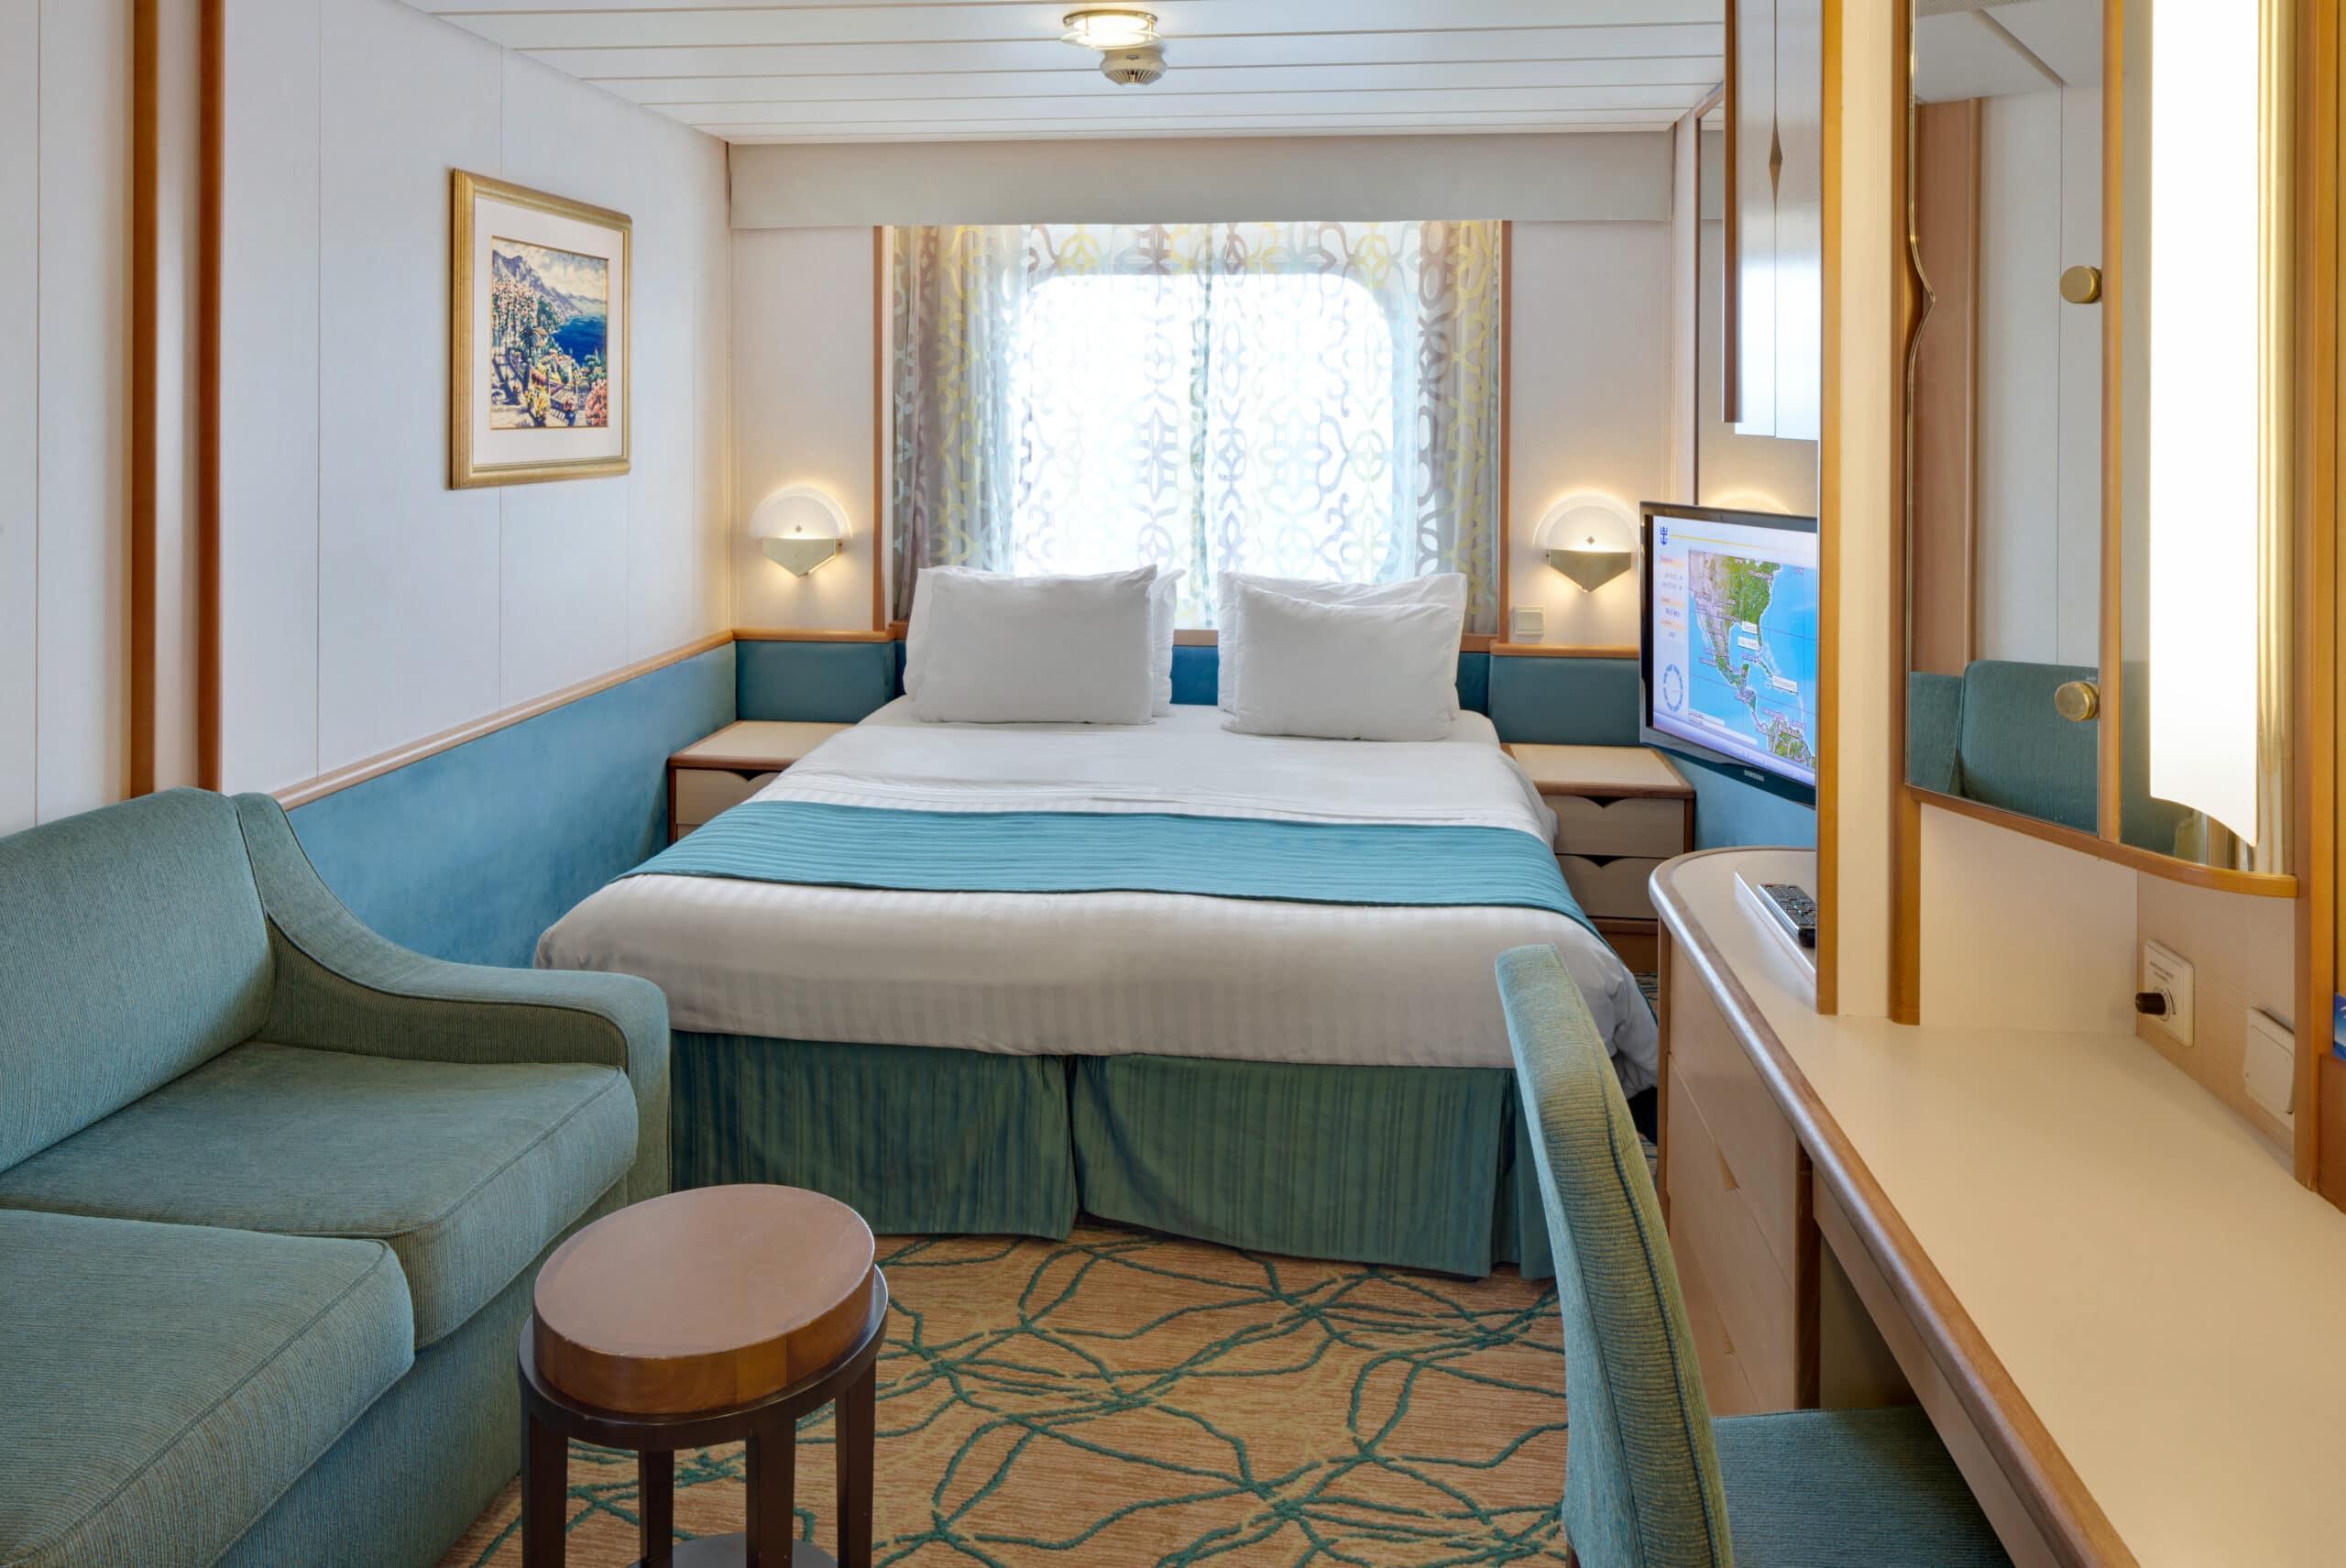 Royal-Caribbean-International-Rhapsody-of-the-Seas-schip-cruiseschip-categorie-1N-2N-3N-4N-CO-buitenhut-tussendeur